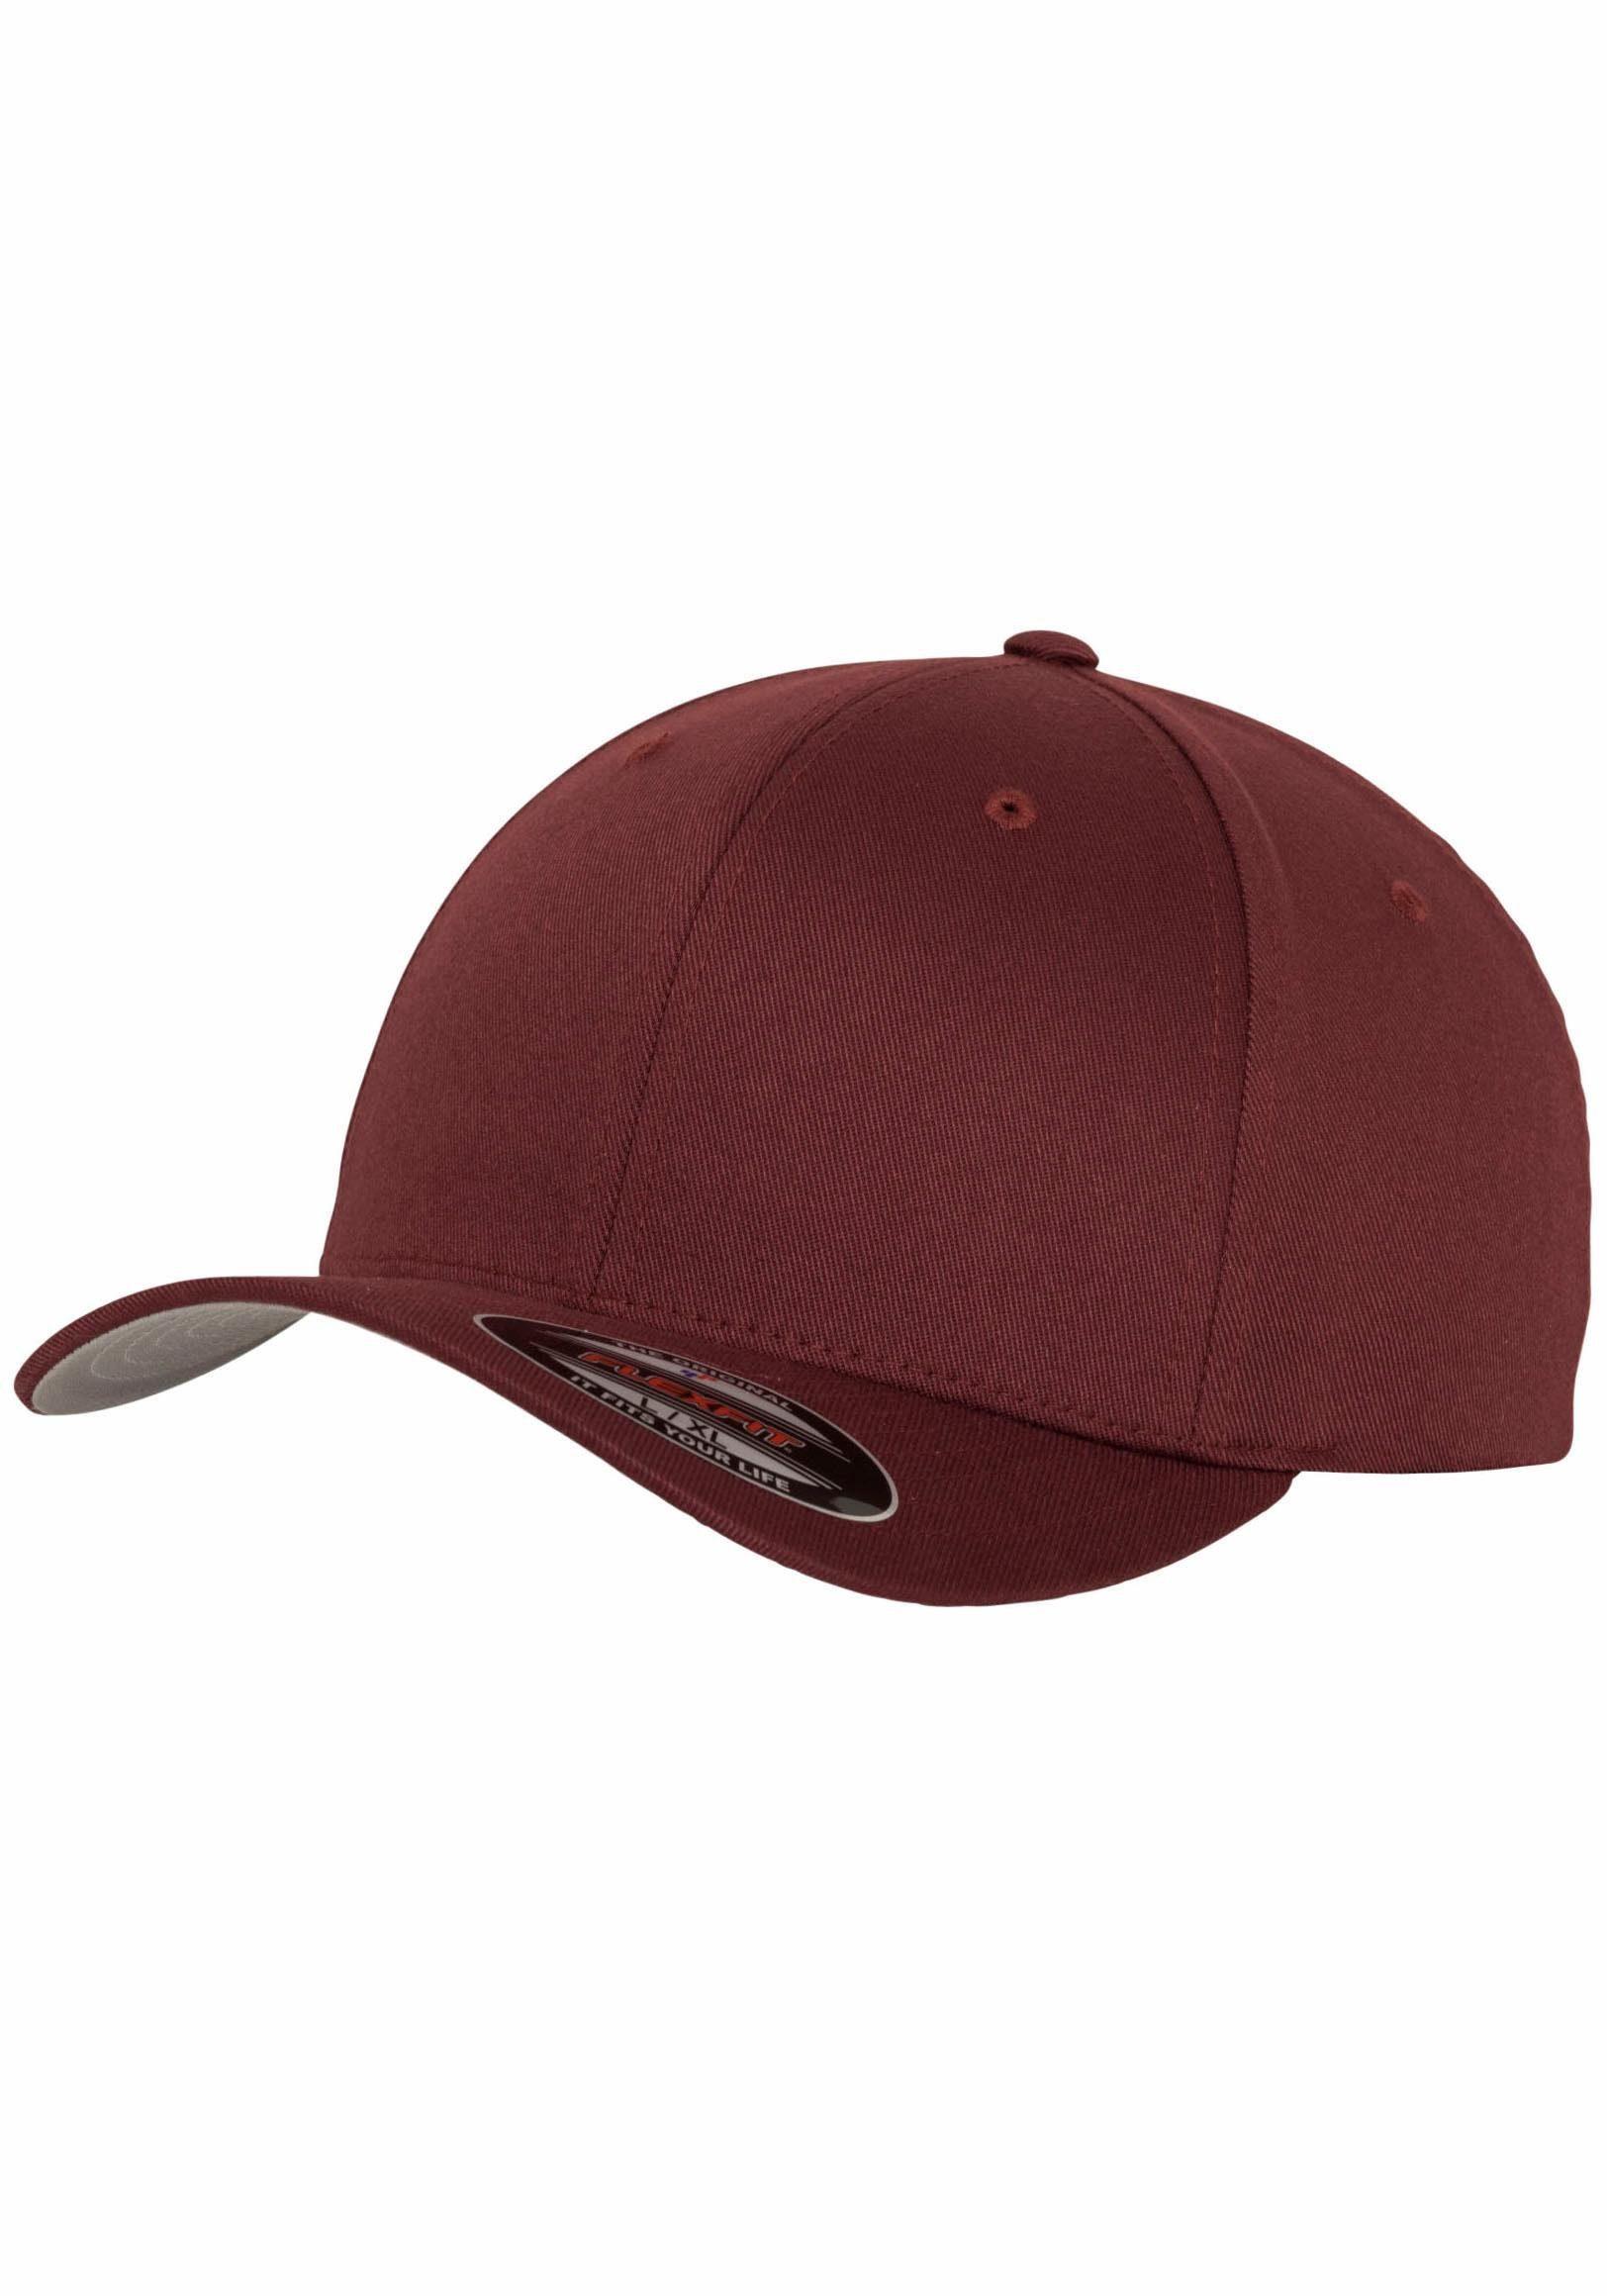 Flexfit Baseball Cap (1-St) mit geschlossener Rückseite